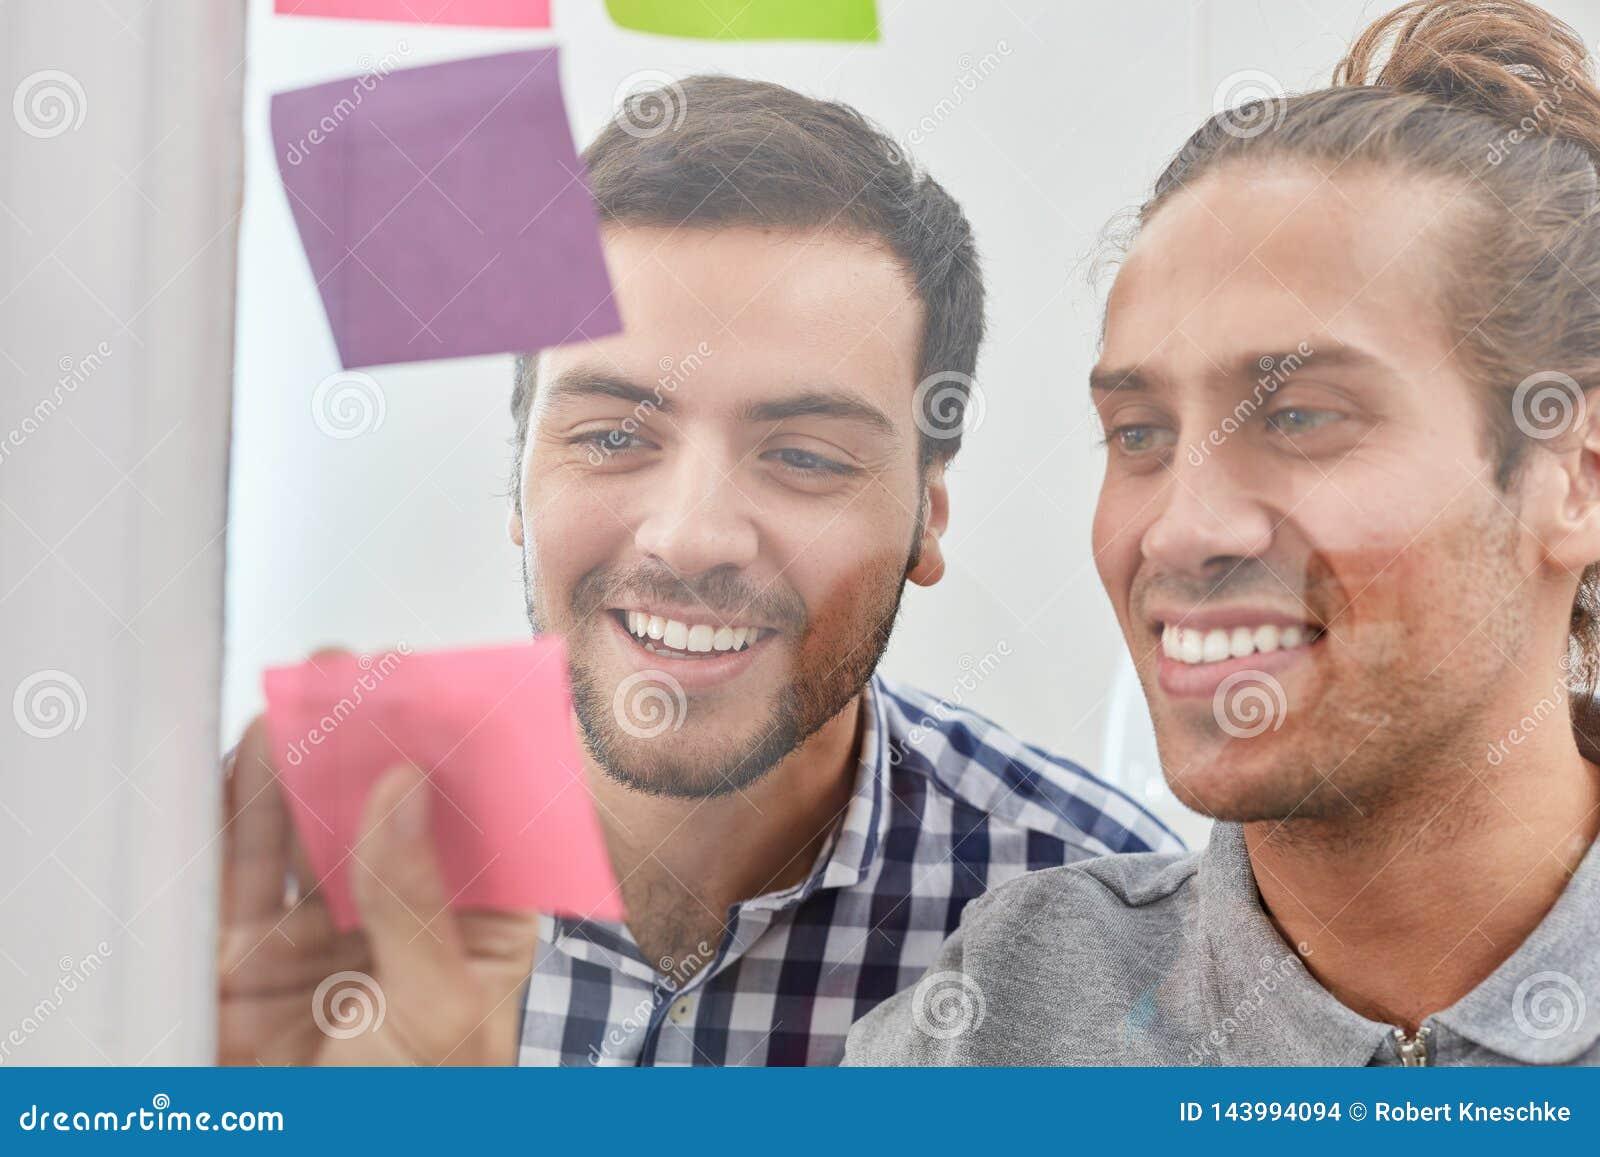 Deux étudiants rassemblent des idées sur le papier